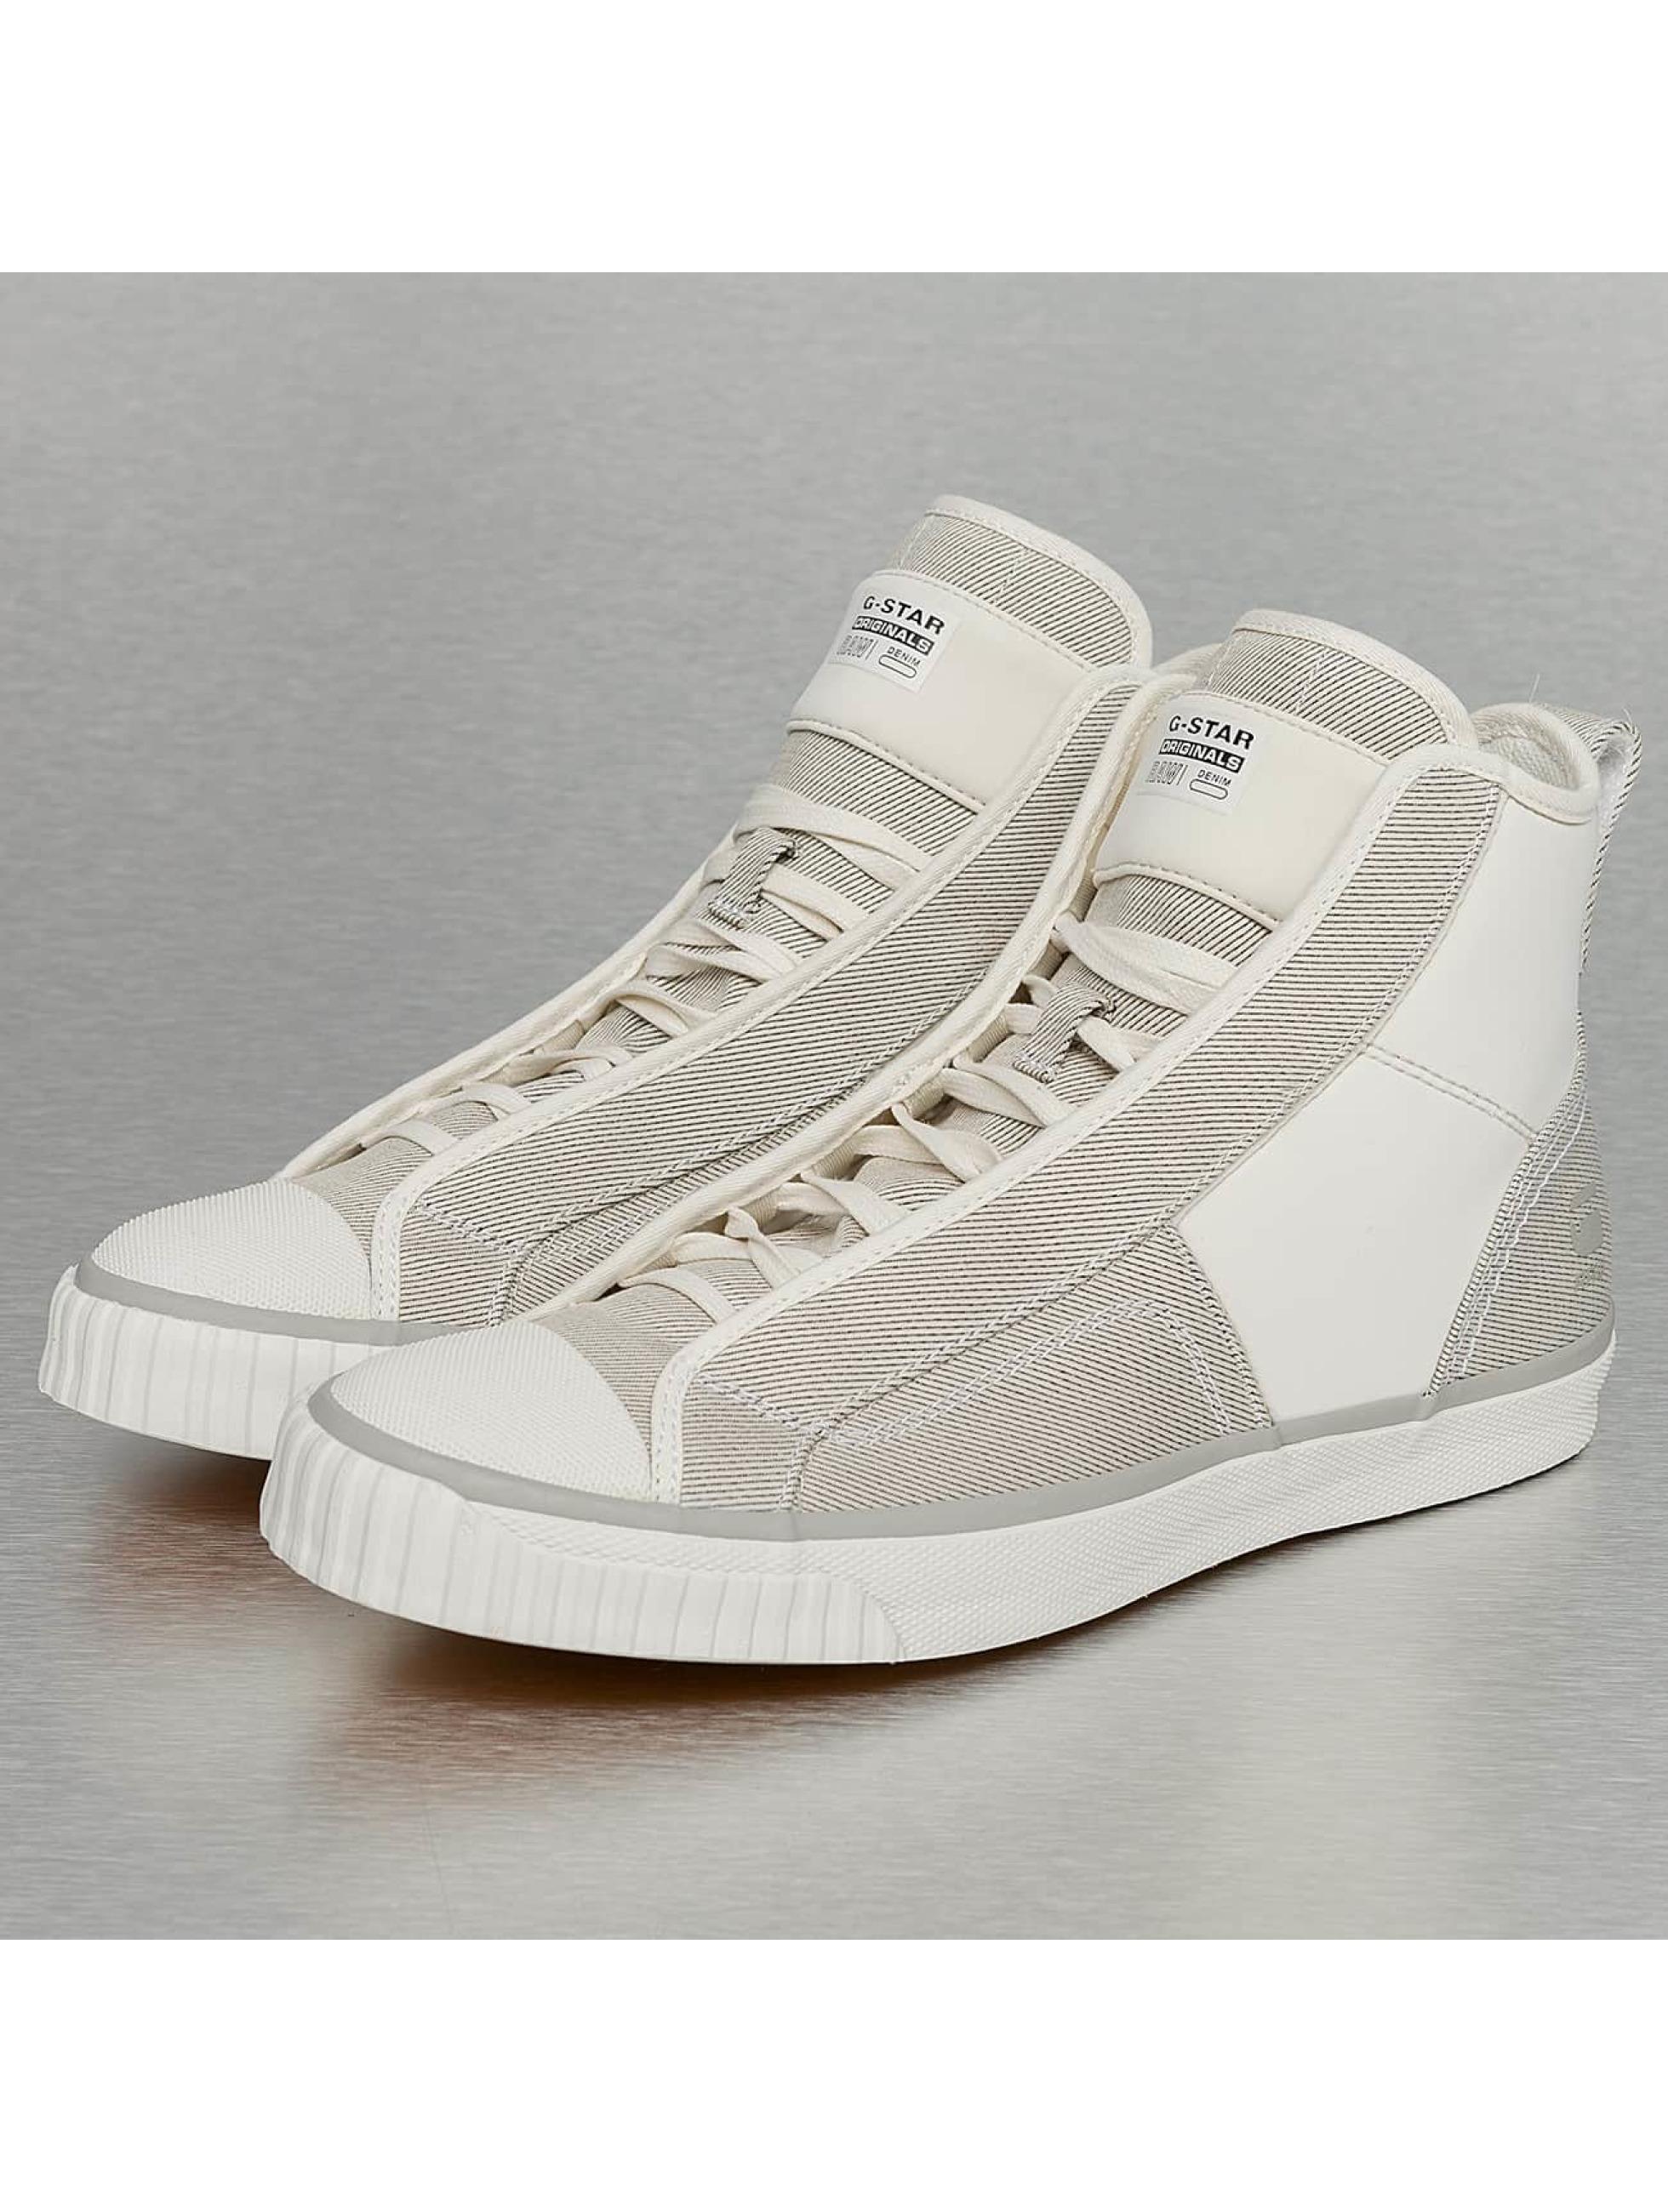 G-Star Footwear sneaker Scuba wit